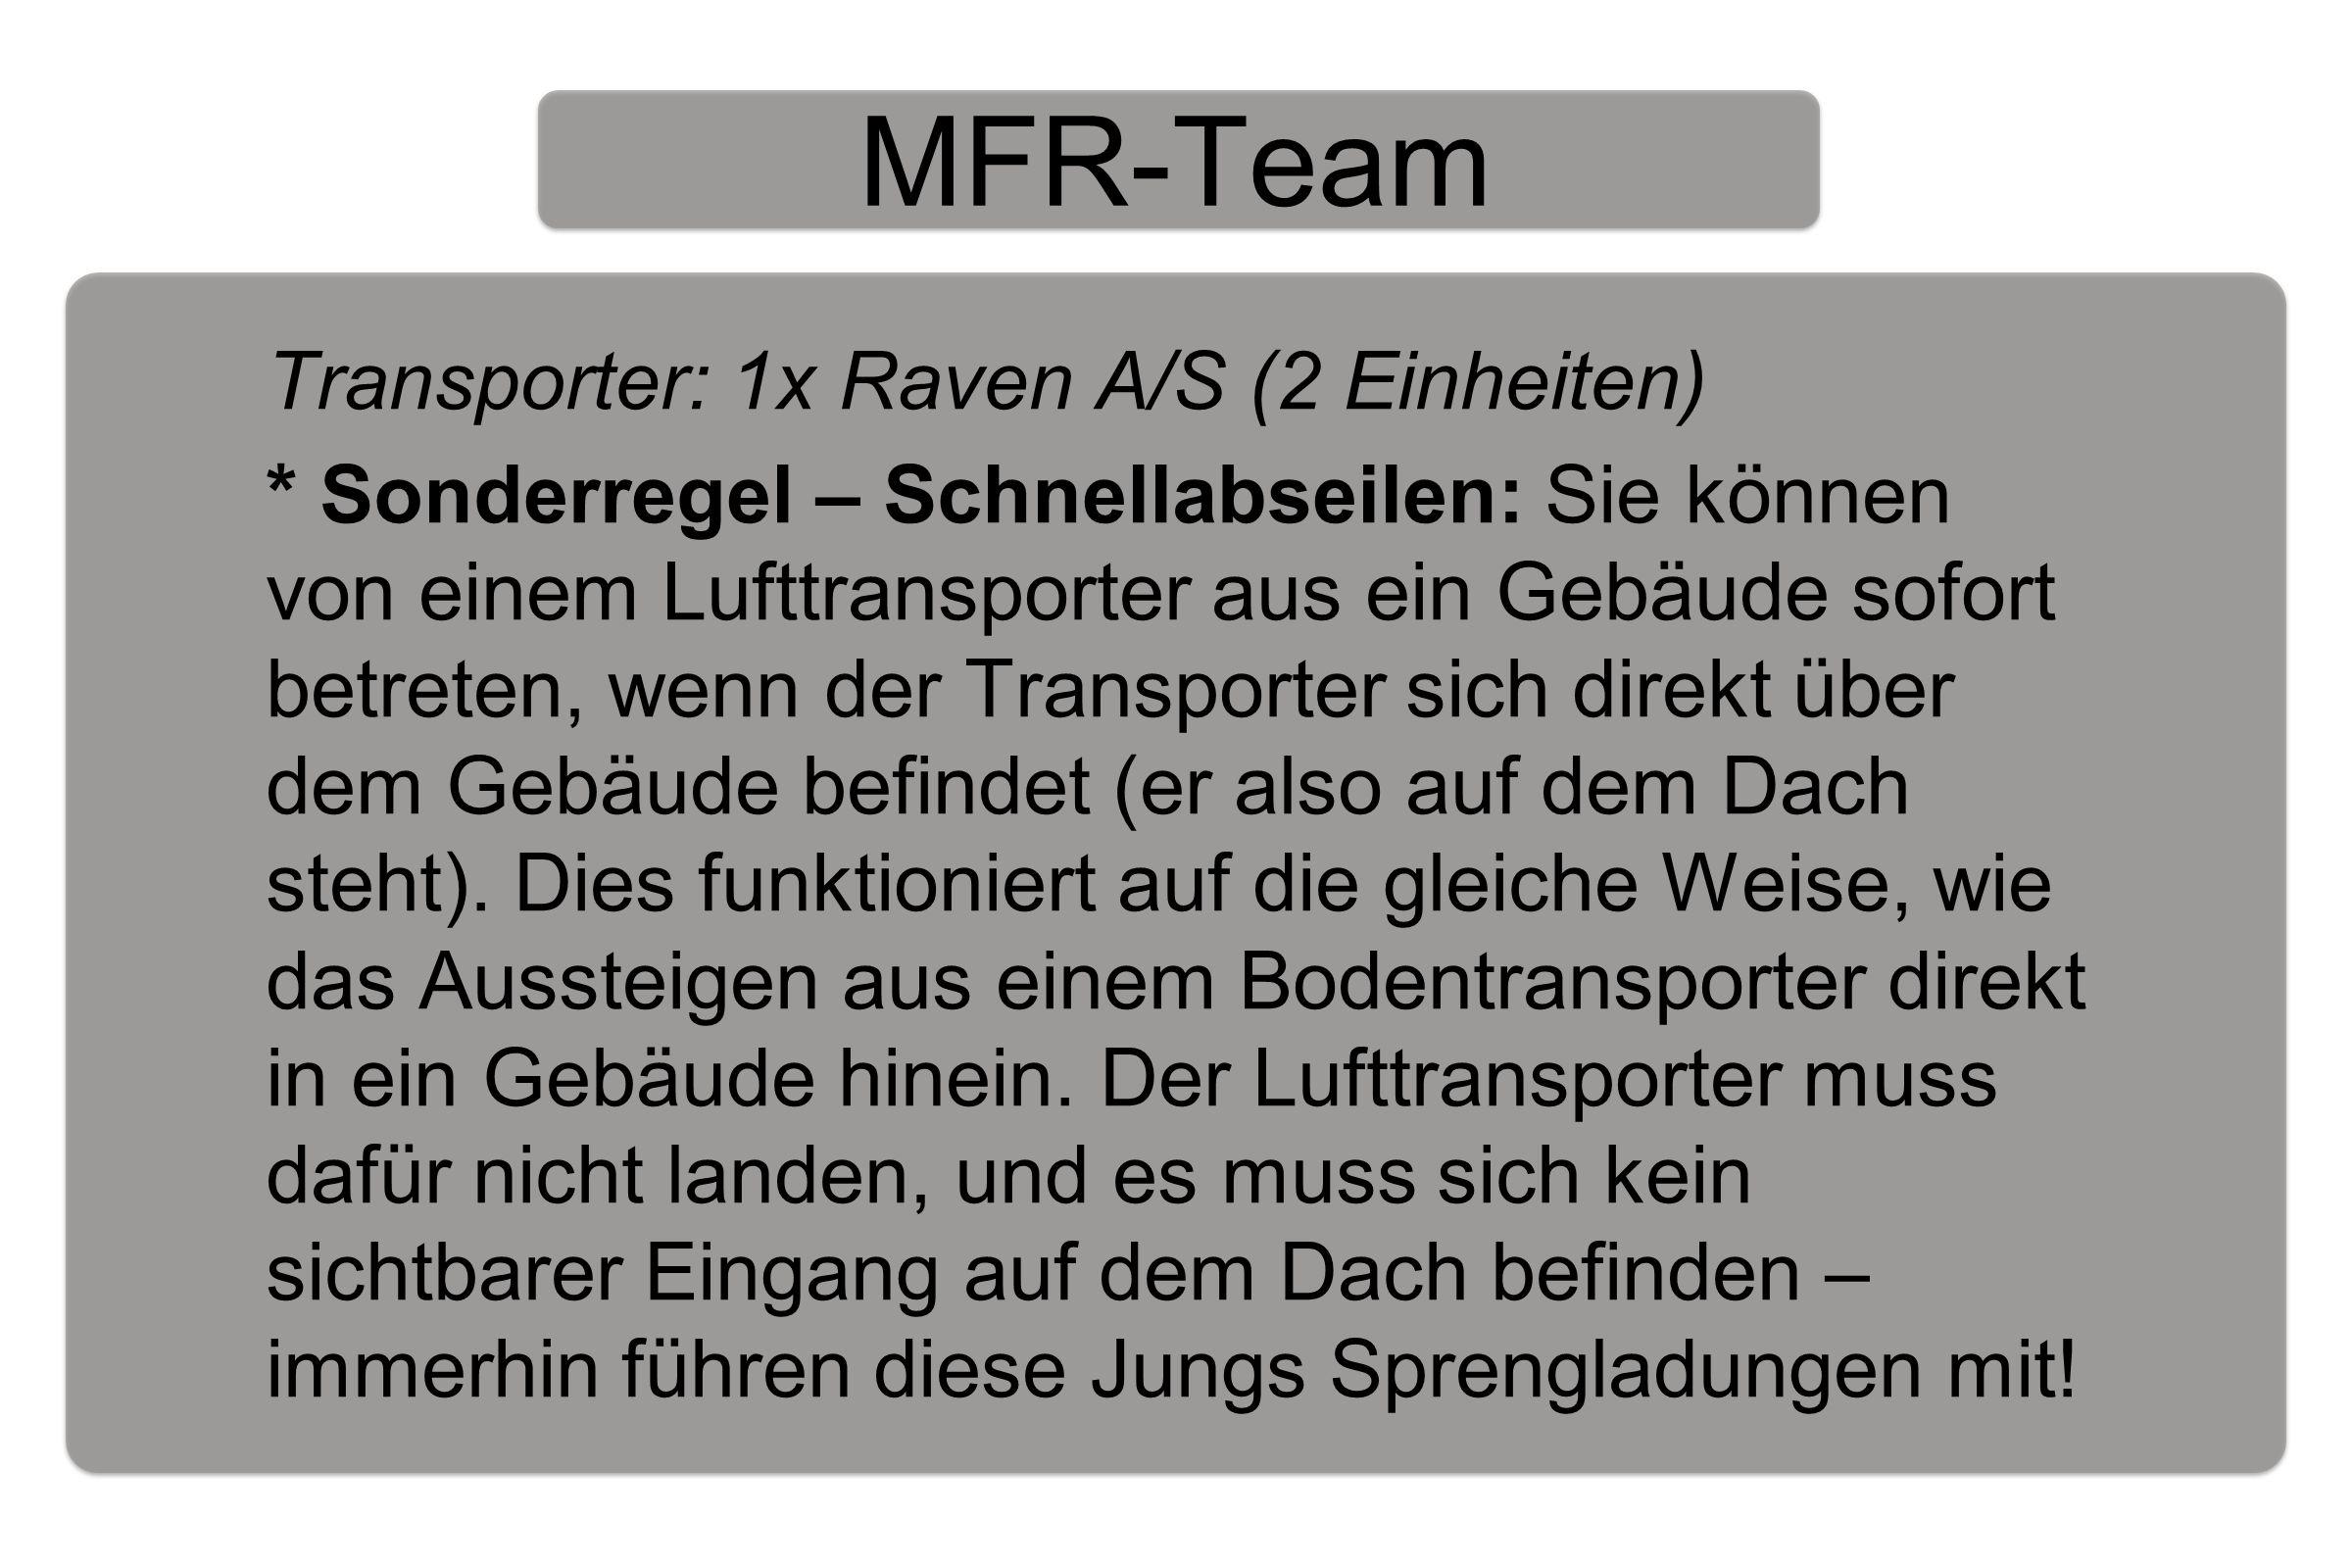 MFR-Team Transporter: 1x Raven A/S (2 Einheiten) * Sonderregel – Schnellabseilen: Sie können von einem Lufttransporter aus ein Gebäude sofort betreten, wenn der Transporter sich direkt über dem Gebäude befindet (er also auf dem Dach steht).